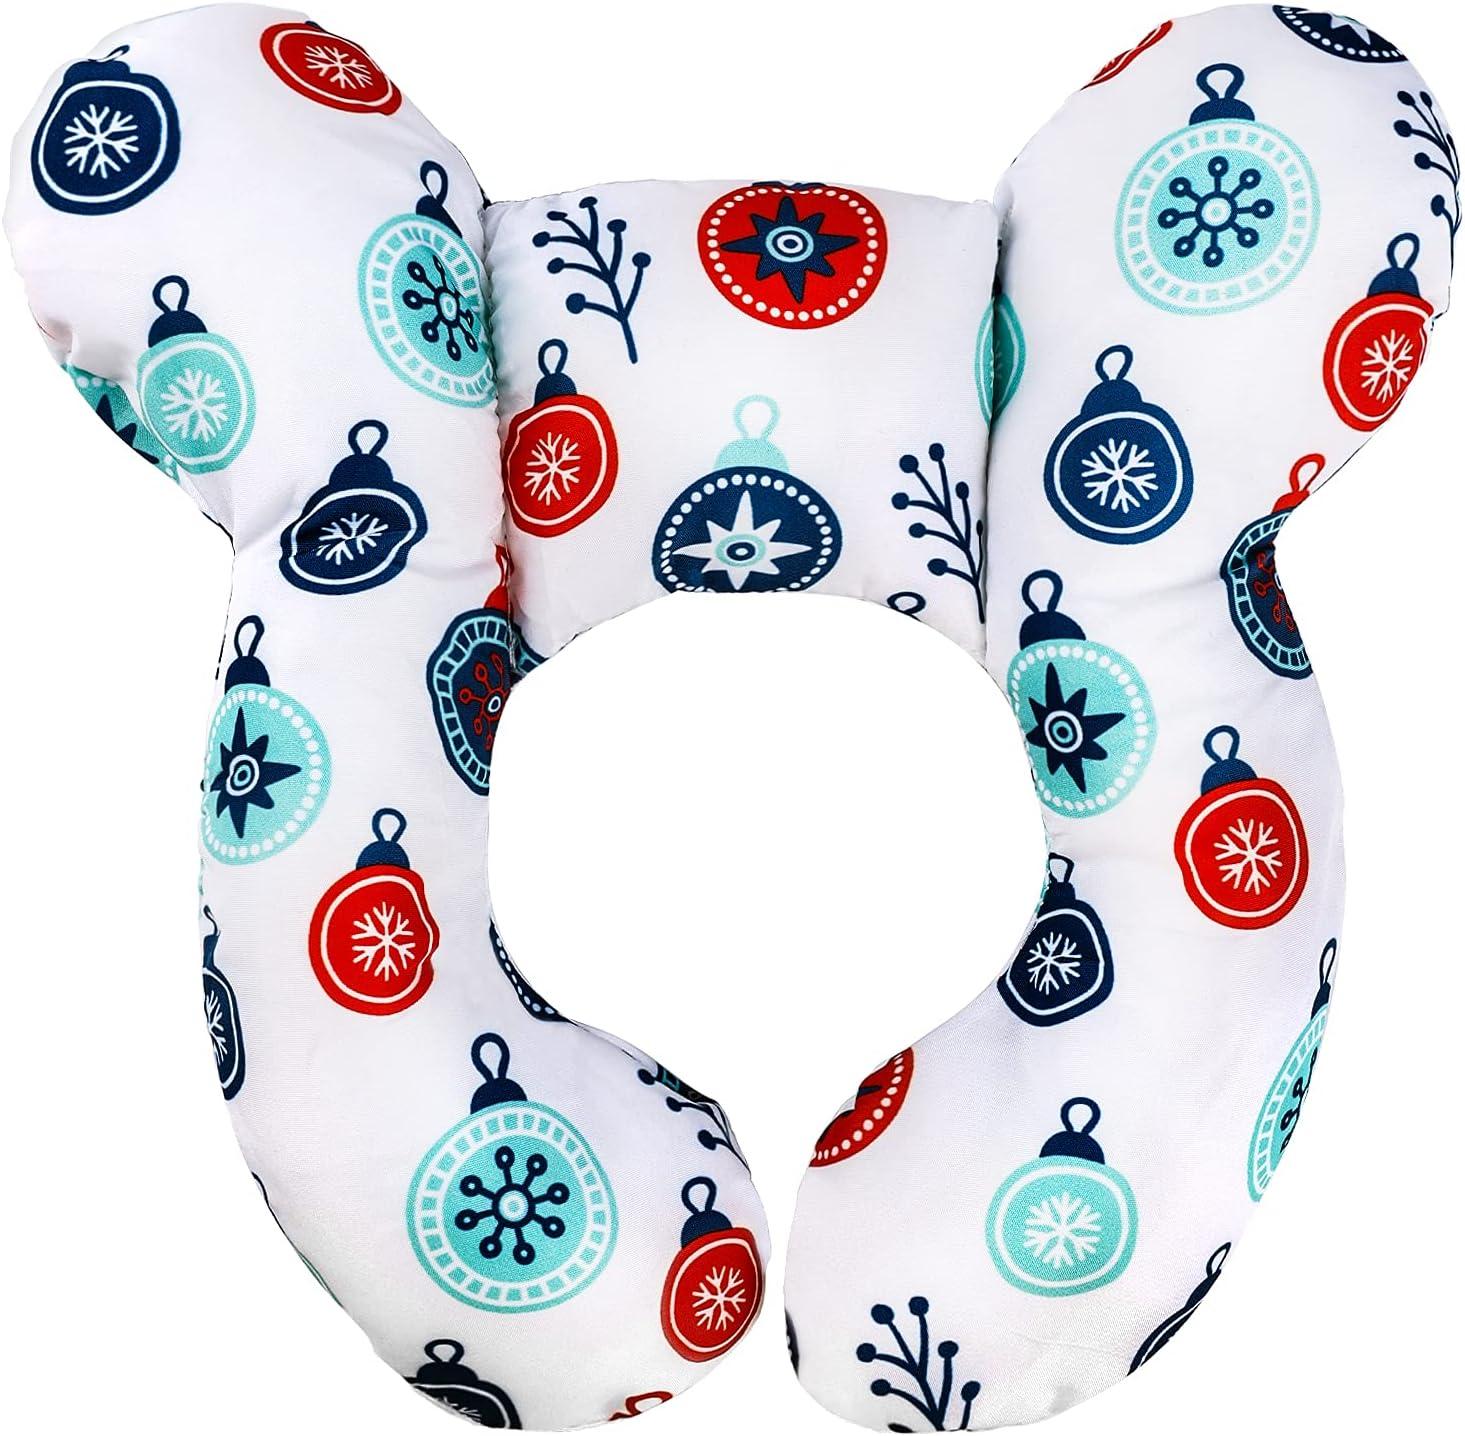 LUTER Almohada Viaje para Bebés, Cojin Cuello para Bebé Coche Reposacabezas para el Asiento del Automóvil Cómodo Algodón Suave Almohada Cervical Viaje para Infantil (Punto Rojo y Azul)